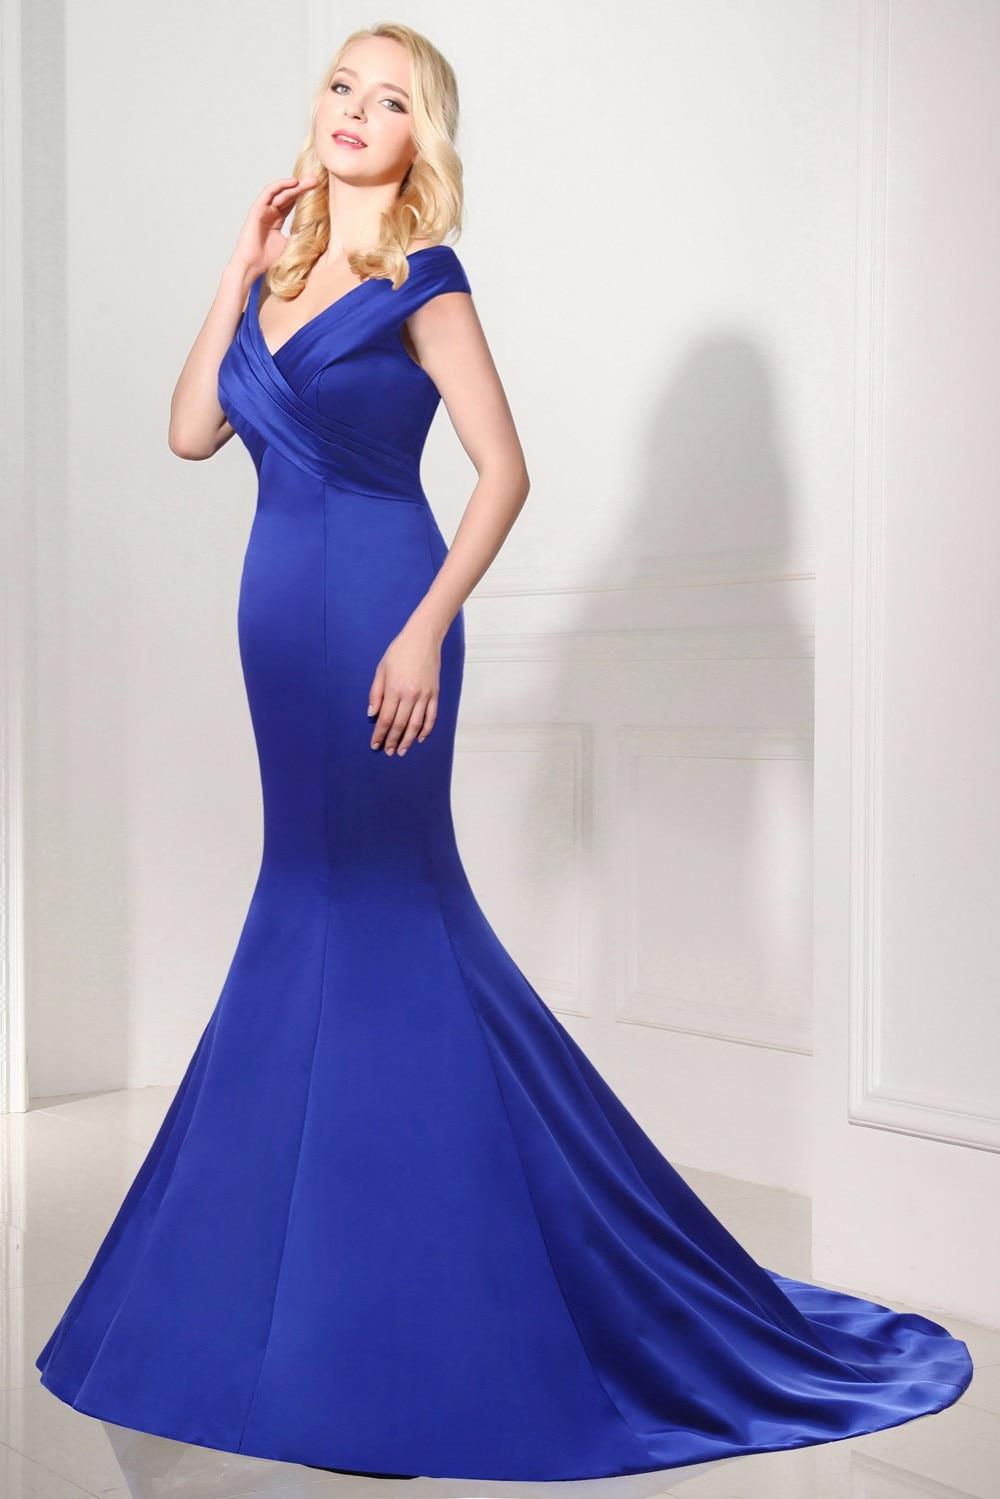 Robe De Soiree Hot Jual Abendkleider Avondjurk Panjang Gaun V-leher - Gaun acara khas - Foto 3